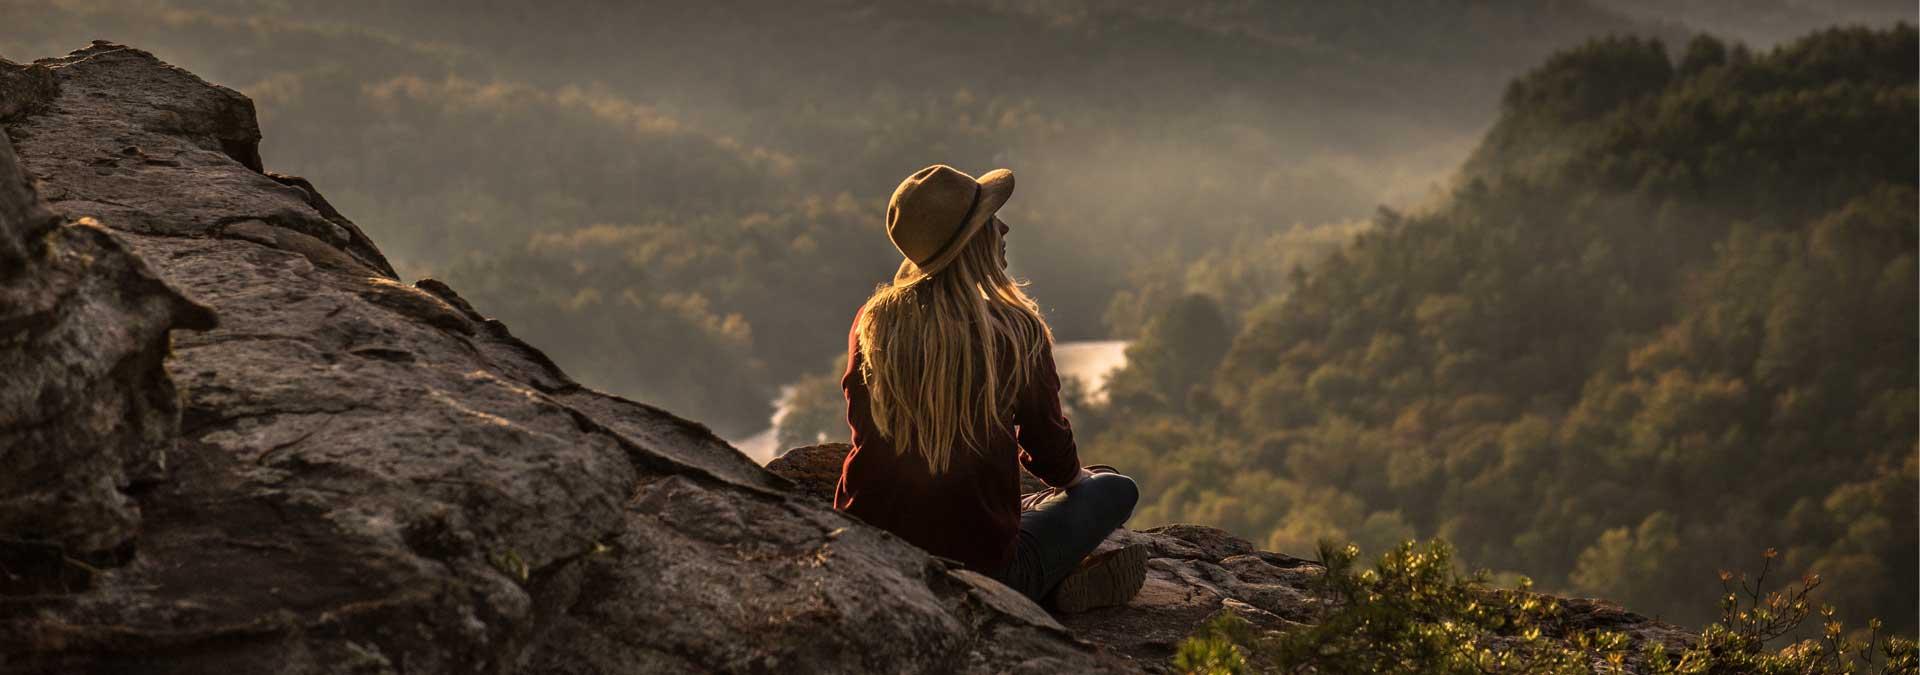 De mooiste quotes over Transformatie en wijsheden over hoe jezelf transformeren